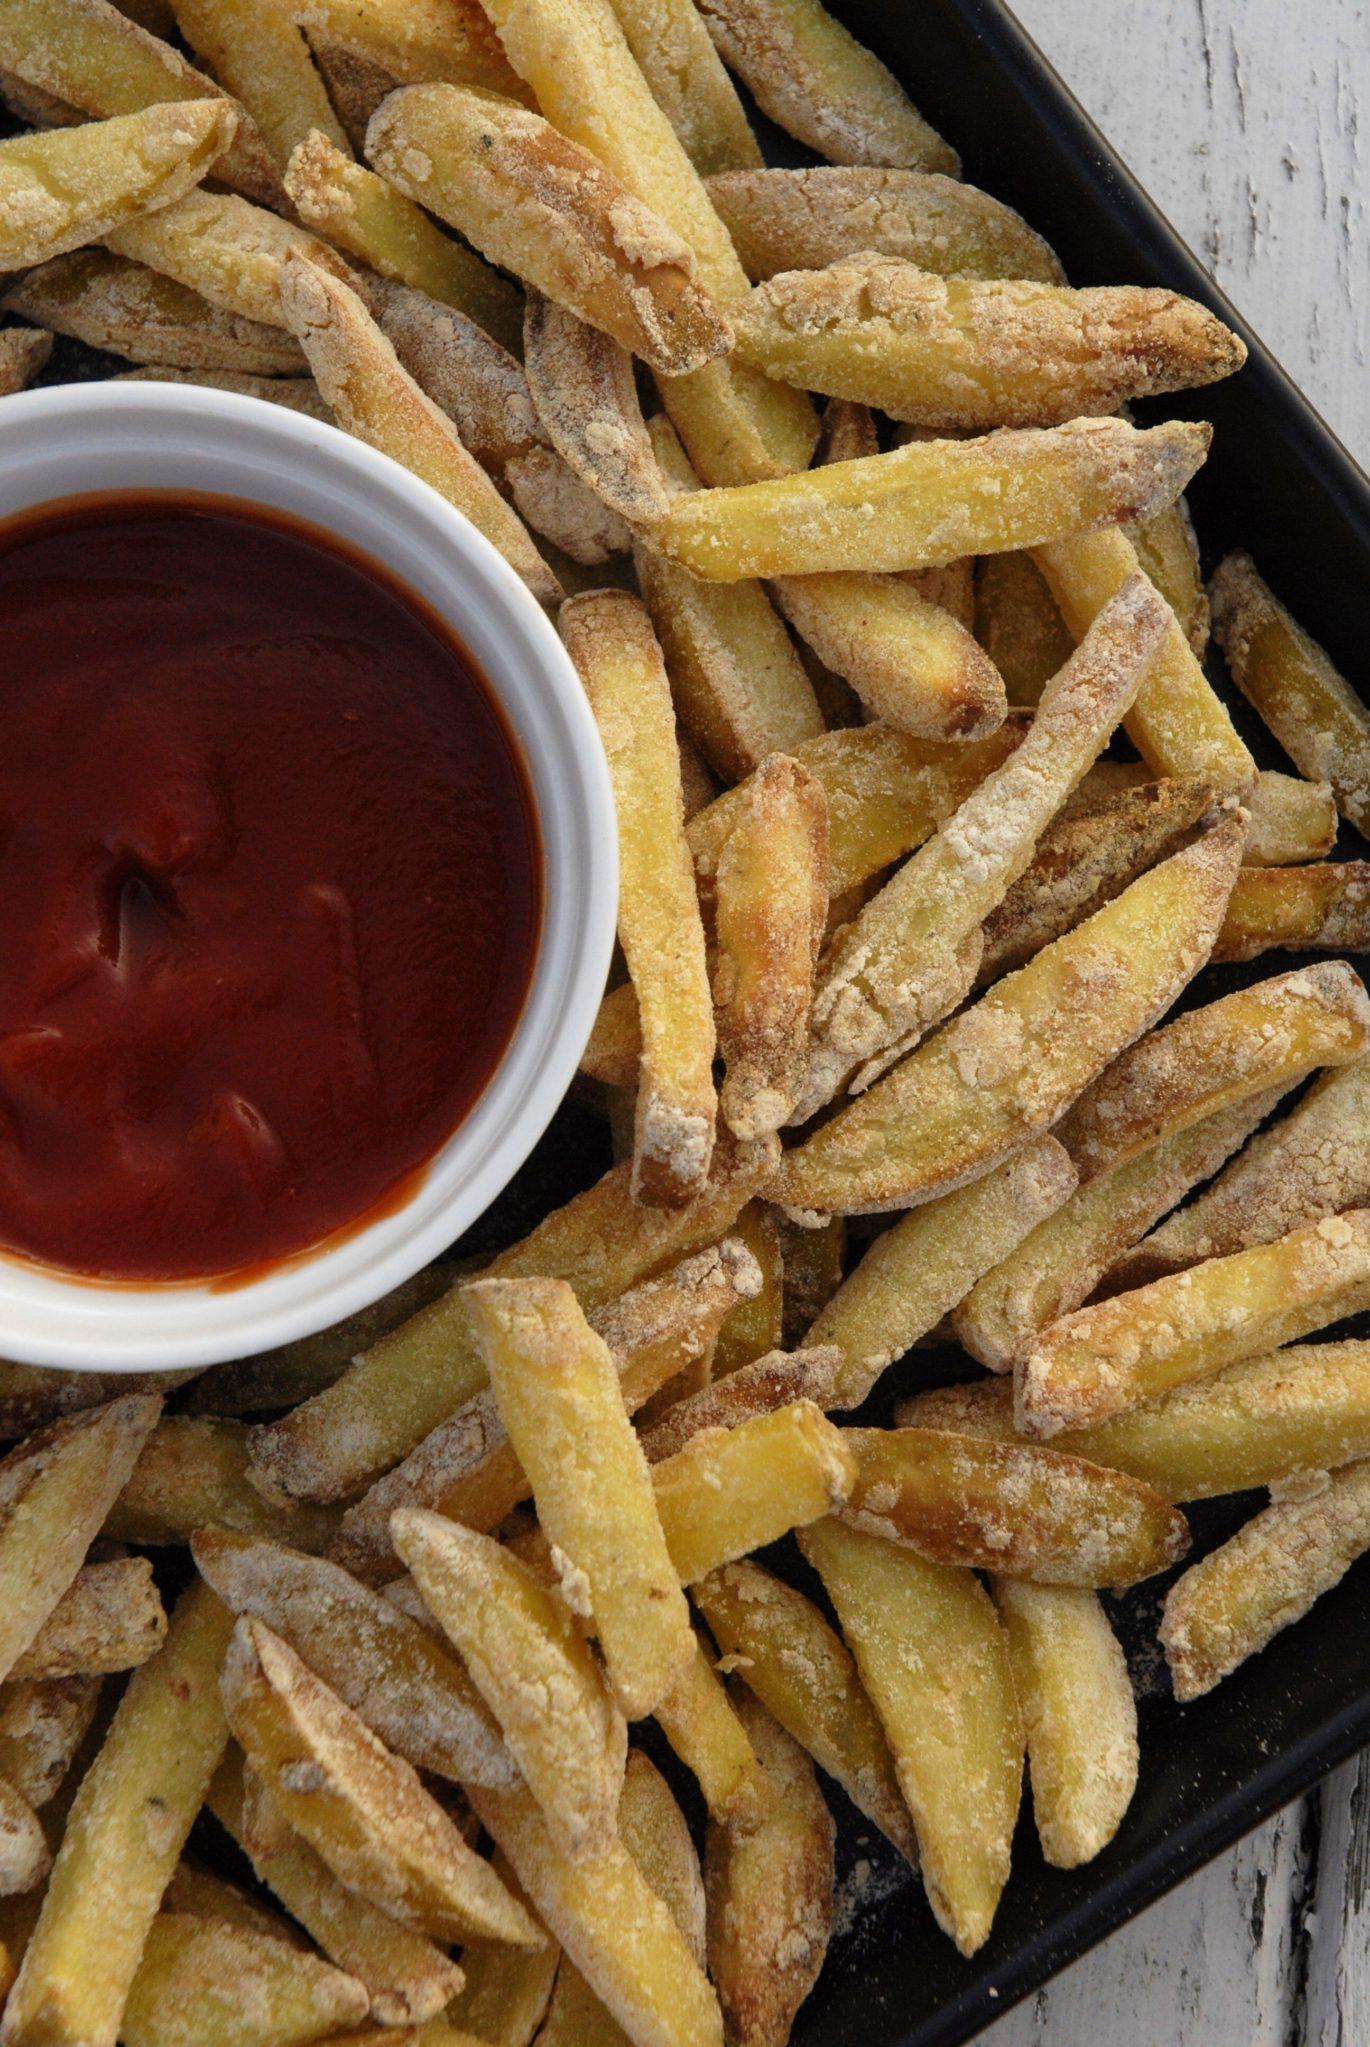 fedtfri pommes fritter